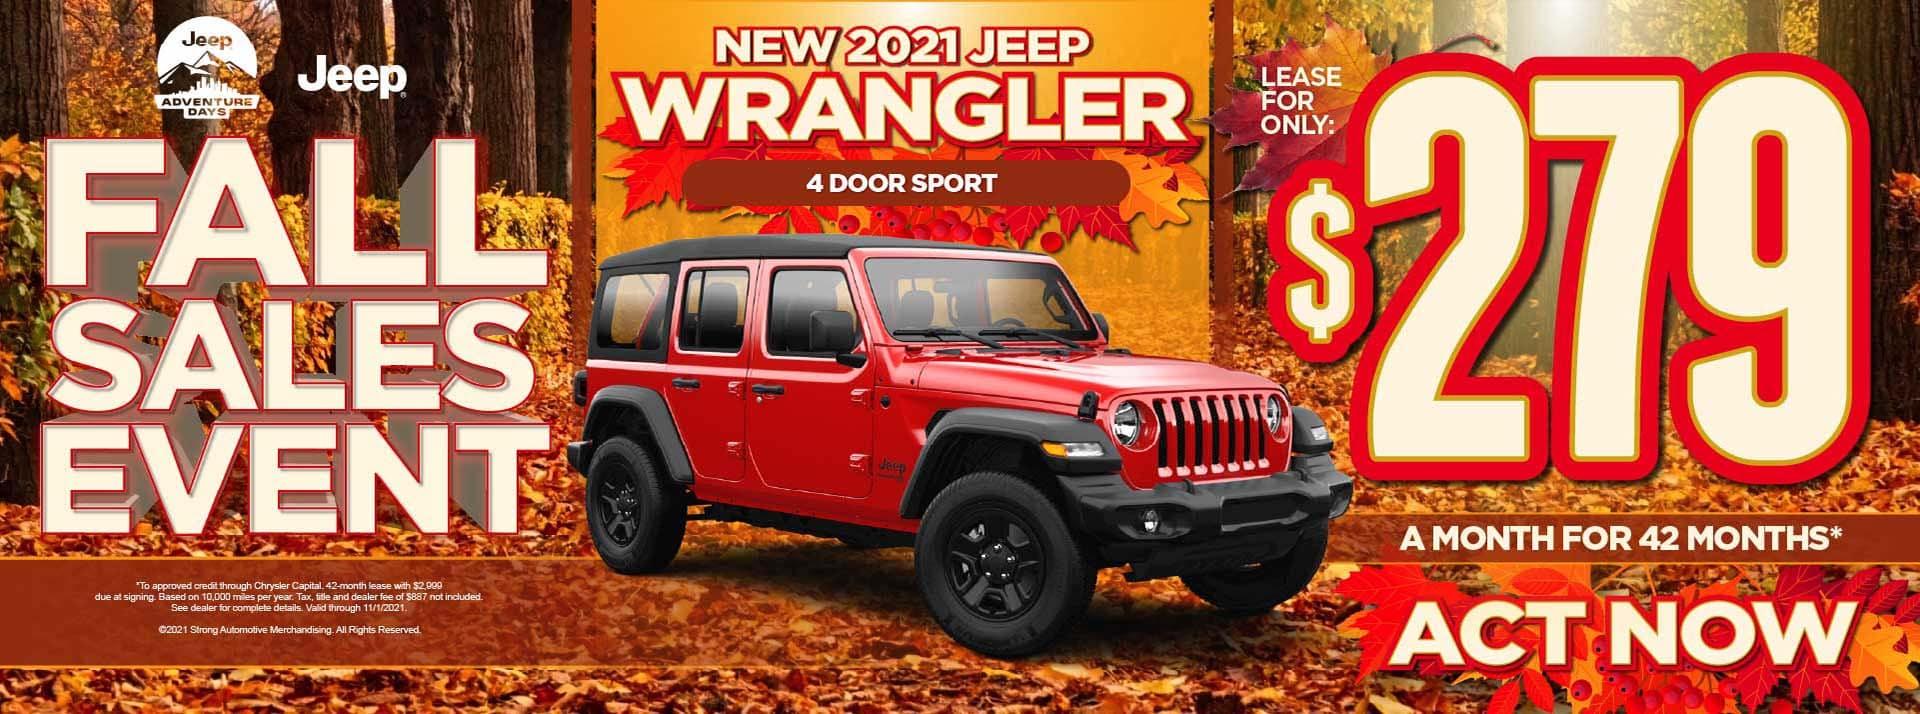 New 2021 Jeep Wrangler 4 Door Sport– $279 / mo - ACT NOW